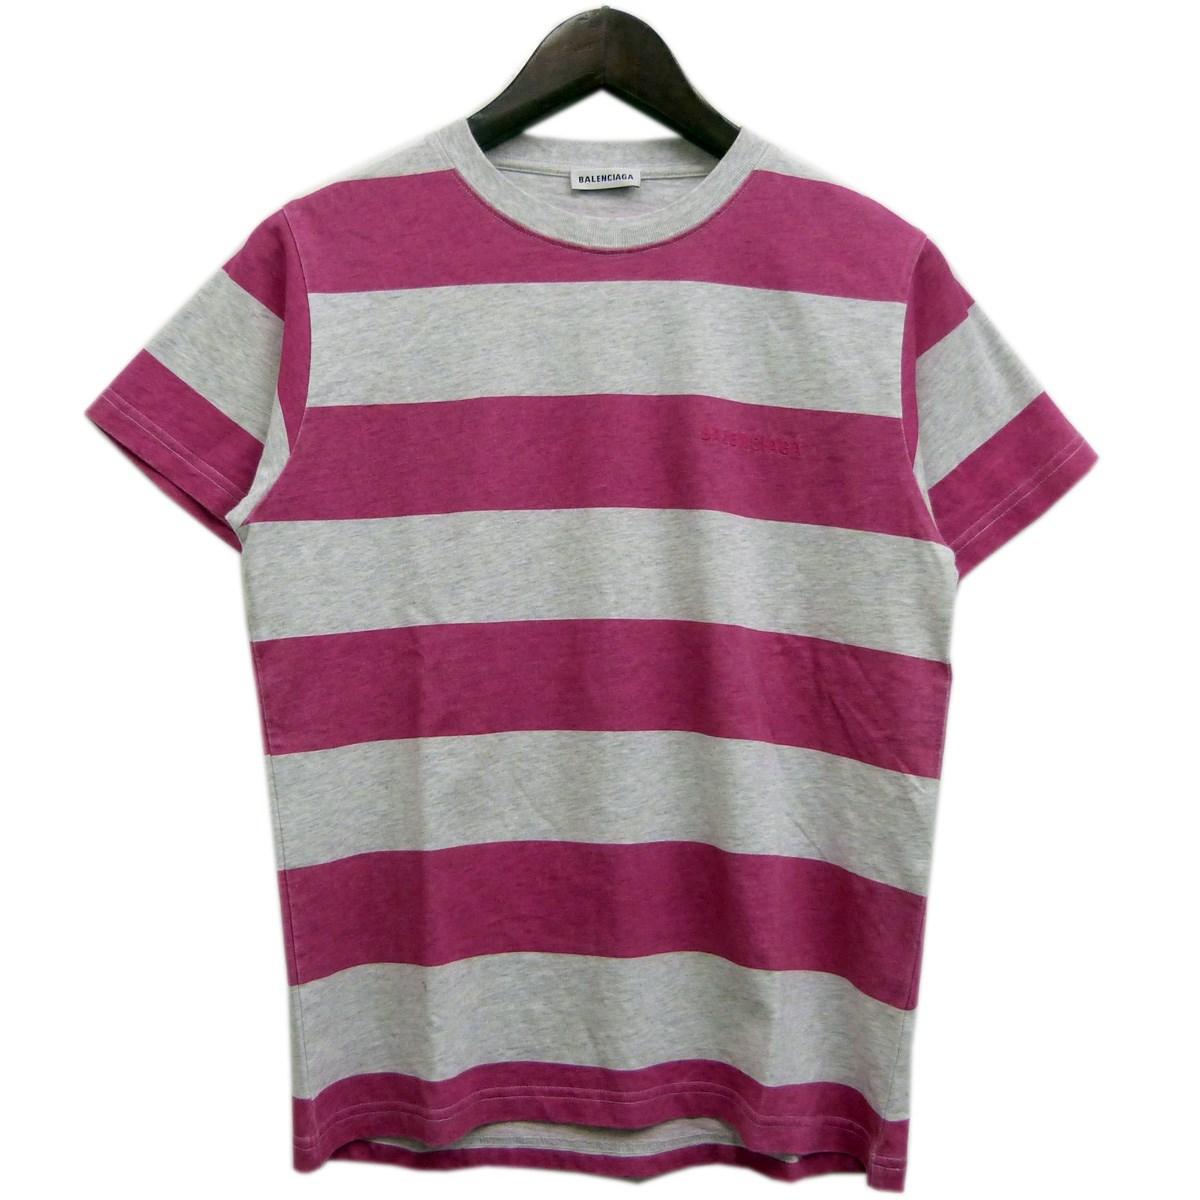 【中古】BALENCIAGA 18SS バックロゴボーダーTシャツ ピンク×グレー サイズ:M 【160420】(バレンシアガ)